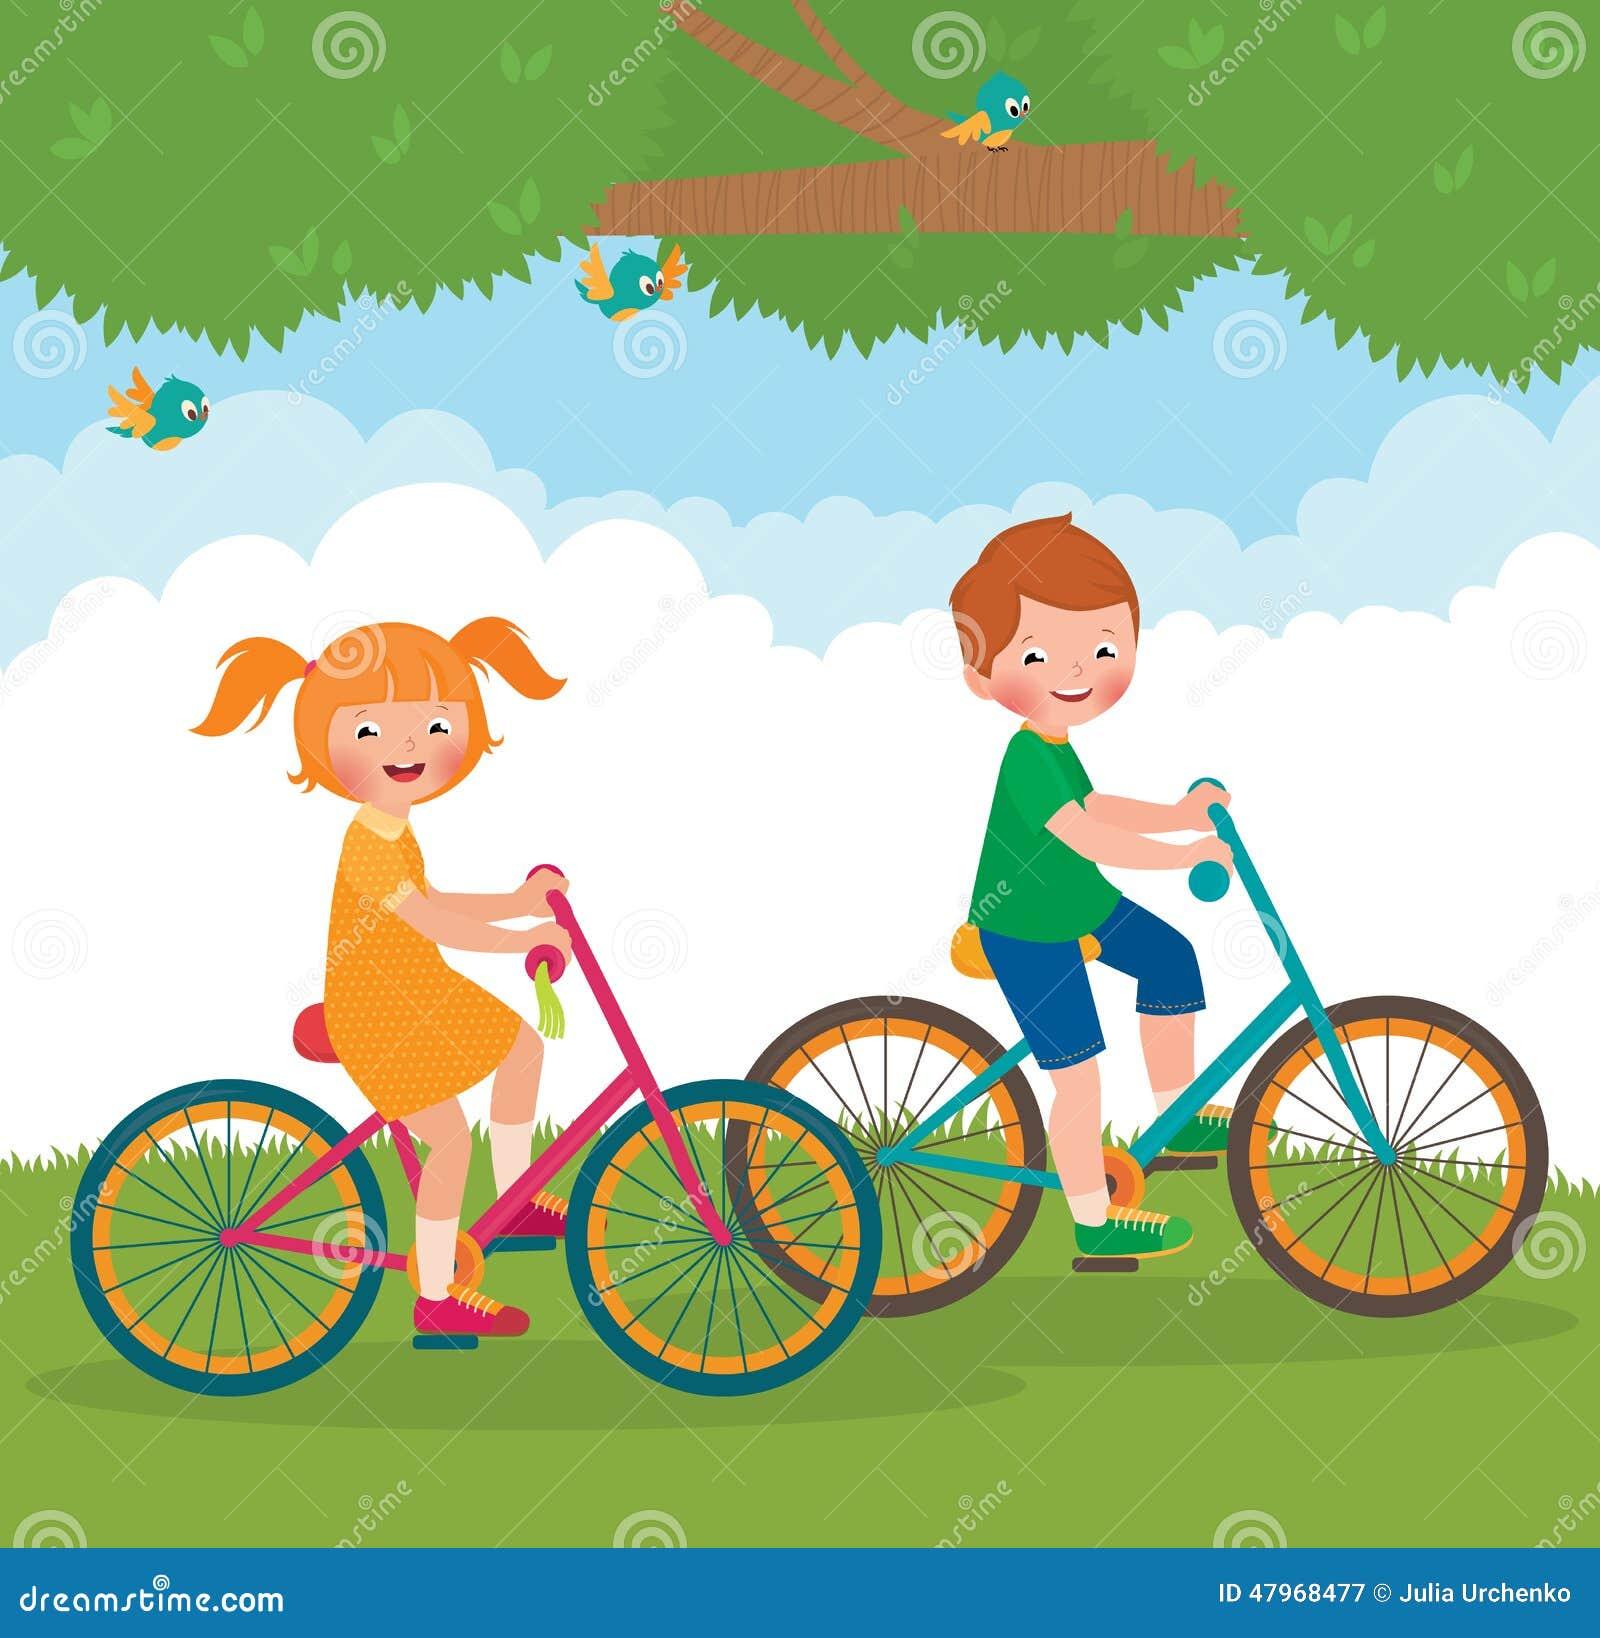 Children ride on the bike stock vector. Illustration of ...